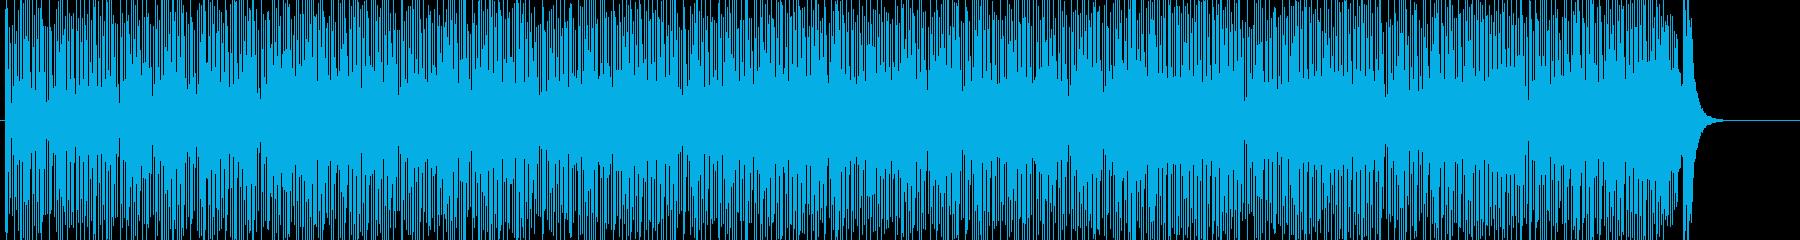 淡々 不思議 緊張 追跡 スリルの再生済みの波形